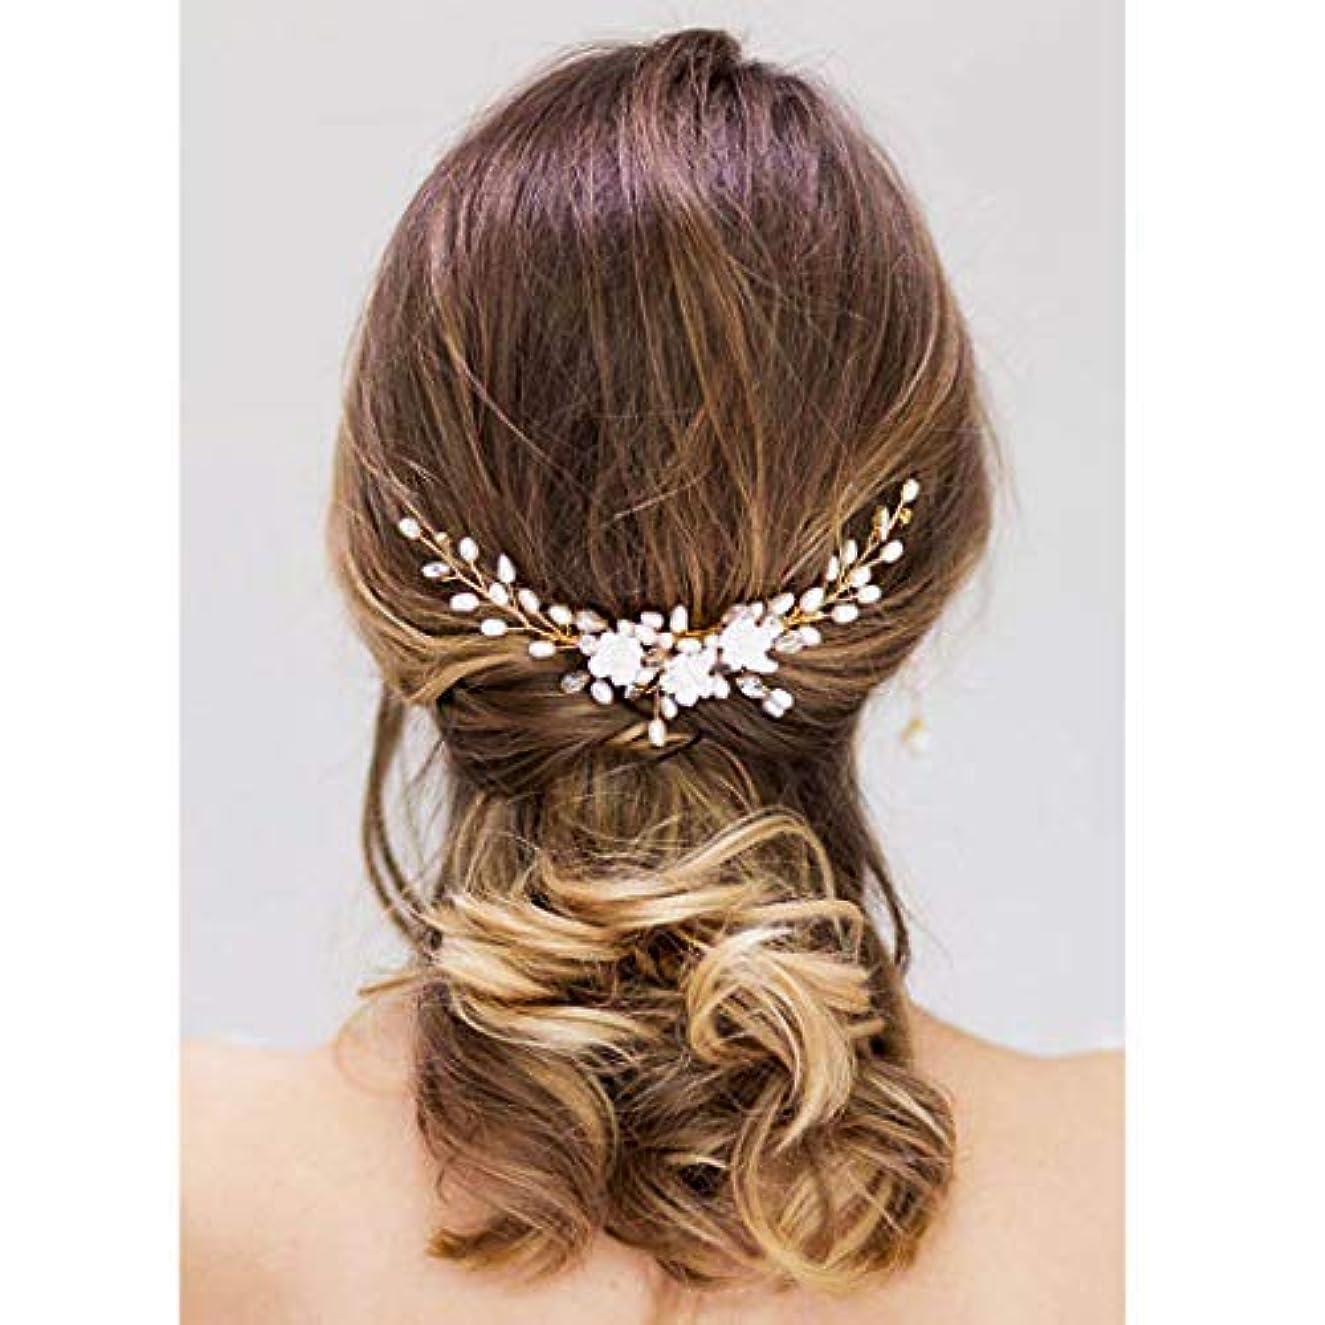 元に戻すキノコ規制Drecode Bride Wedding Hair Comb Flower Headpiece Pearl Rhinestone Hair Accessories for Women and Girls [並行輸入品]